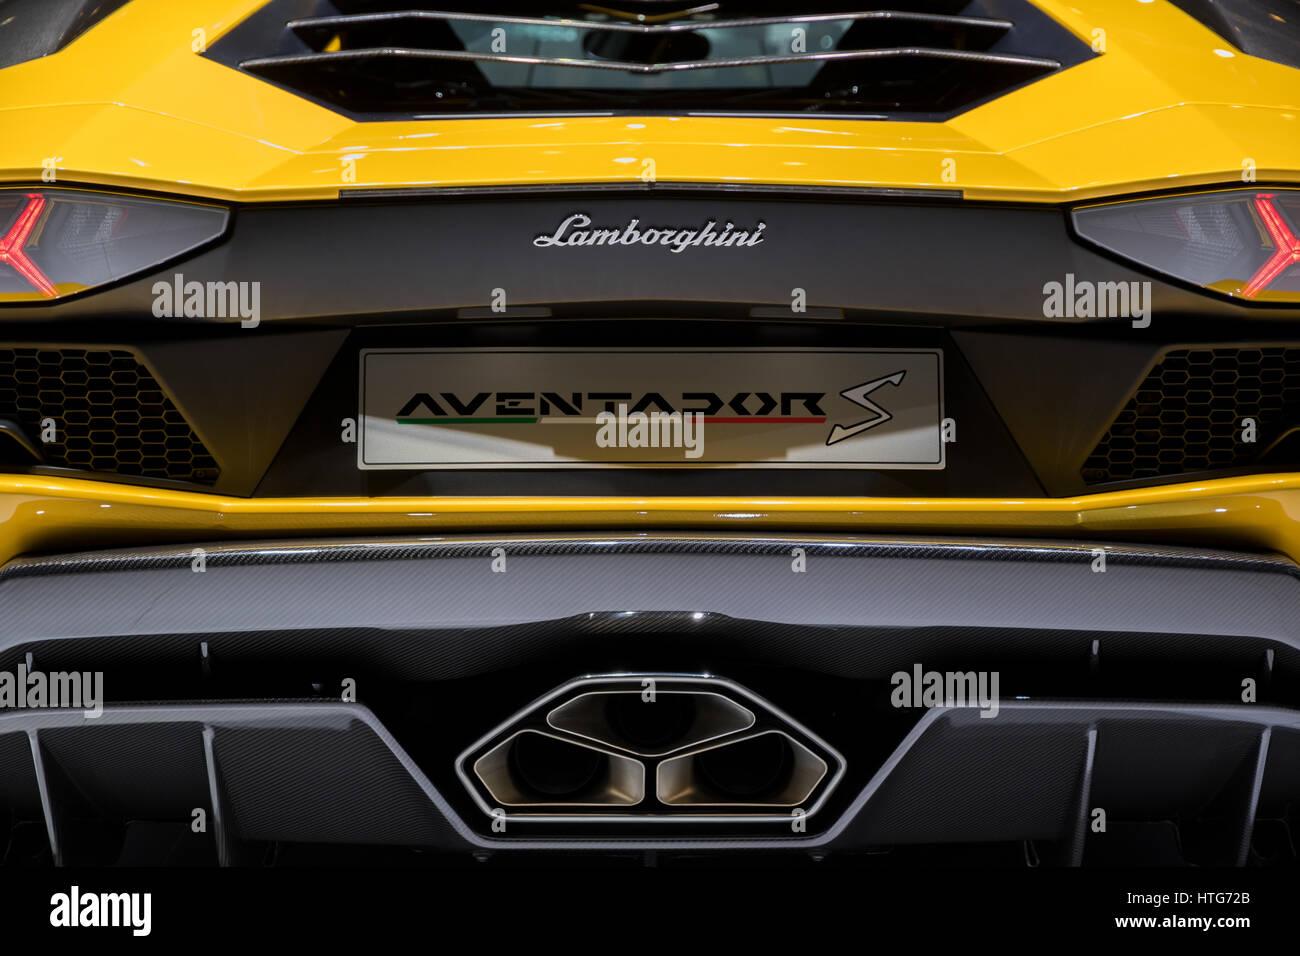 Lamborghini Rear View Stock Photos Lamborghini Rear View Stock